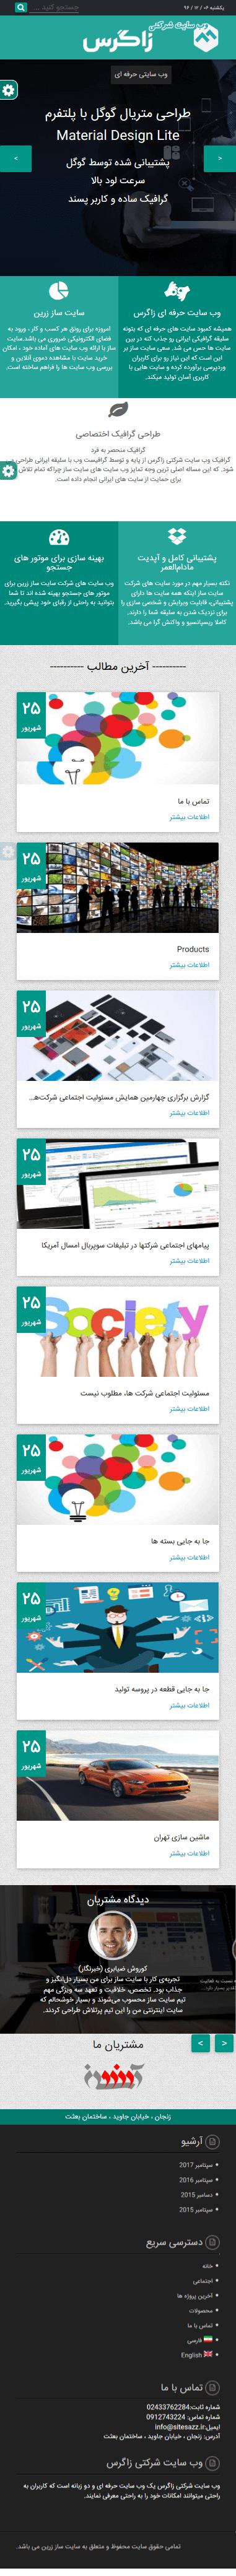 تصویر سایت زاگرس در حالت موبایل